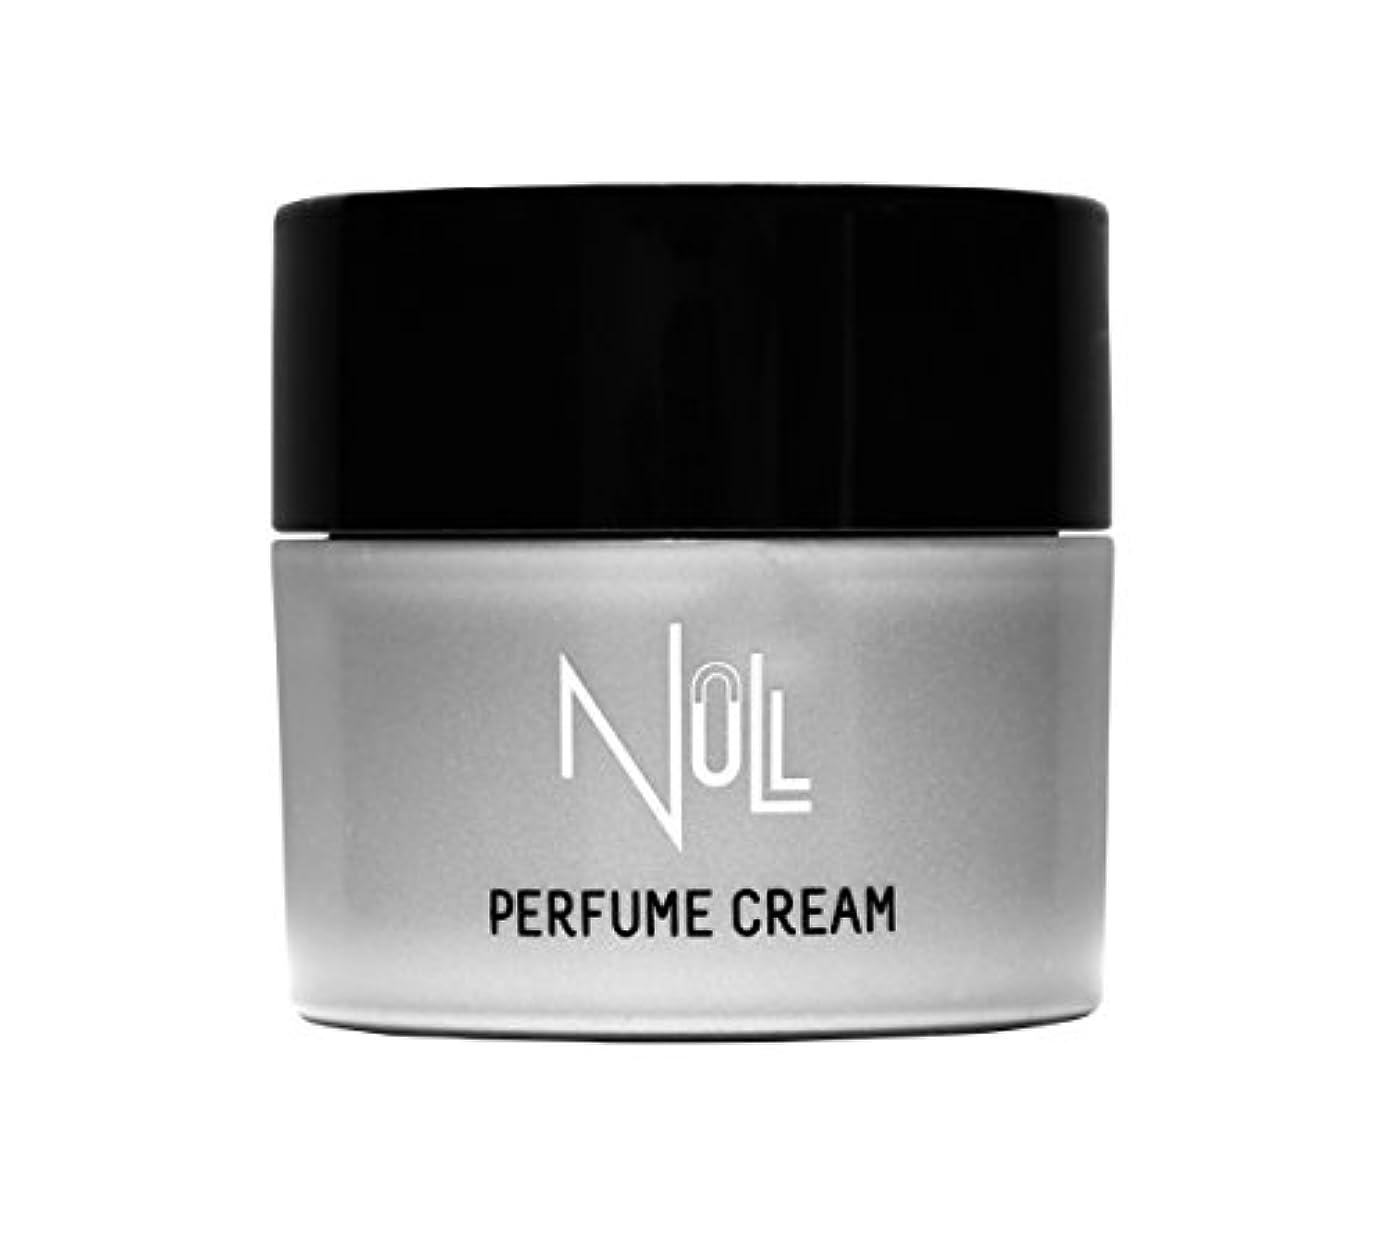 適用済みハードウェアドライブNULL 練り香水 メンズ (キツすぎない 自然な香り シトラスムスク) パヒュームクリーム 練香水 香水 香水クリーム ボディクリーム ハンドクリーム 30g